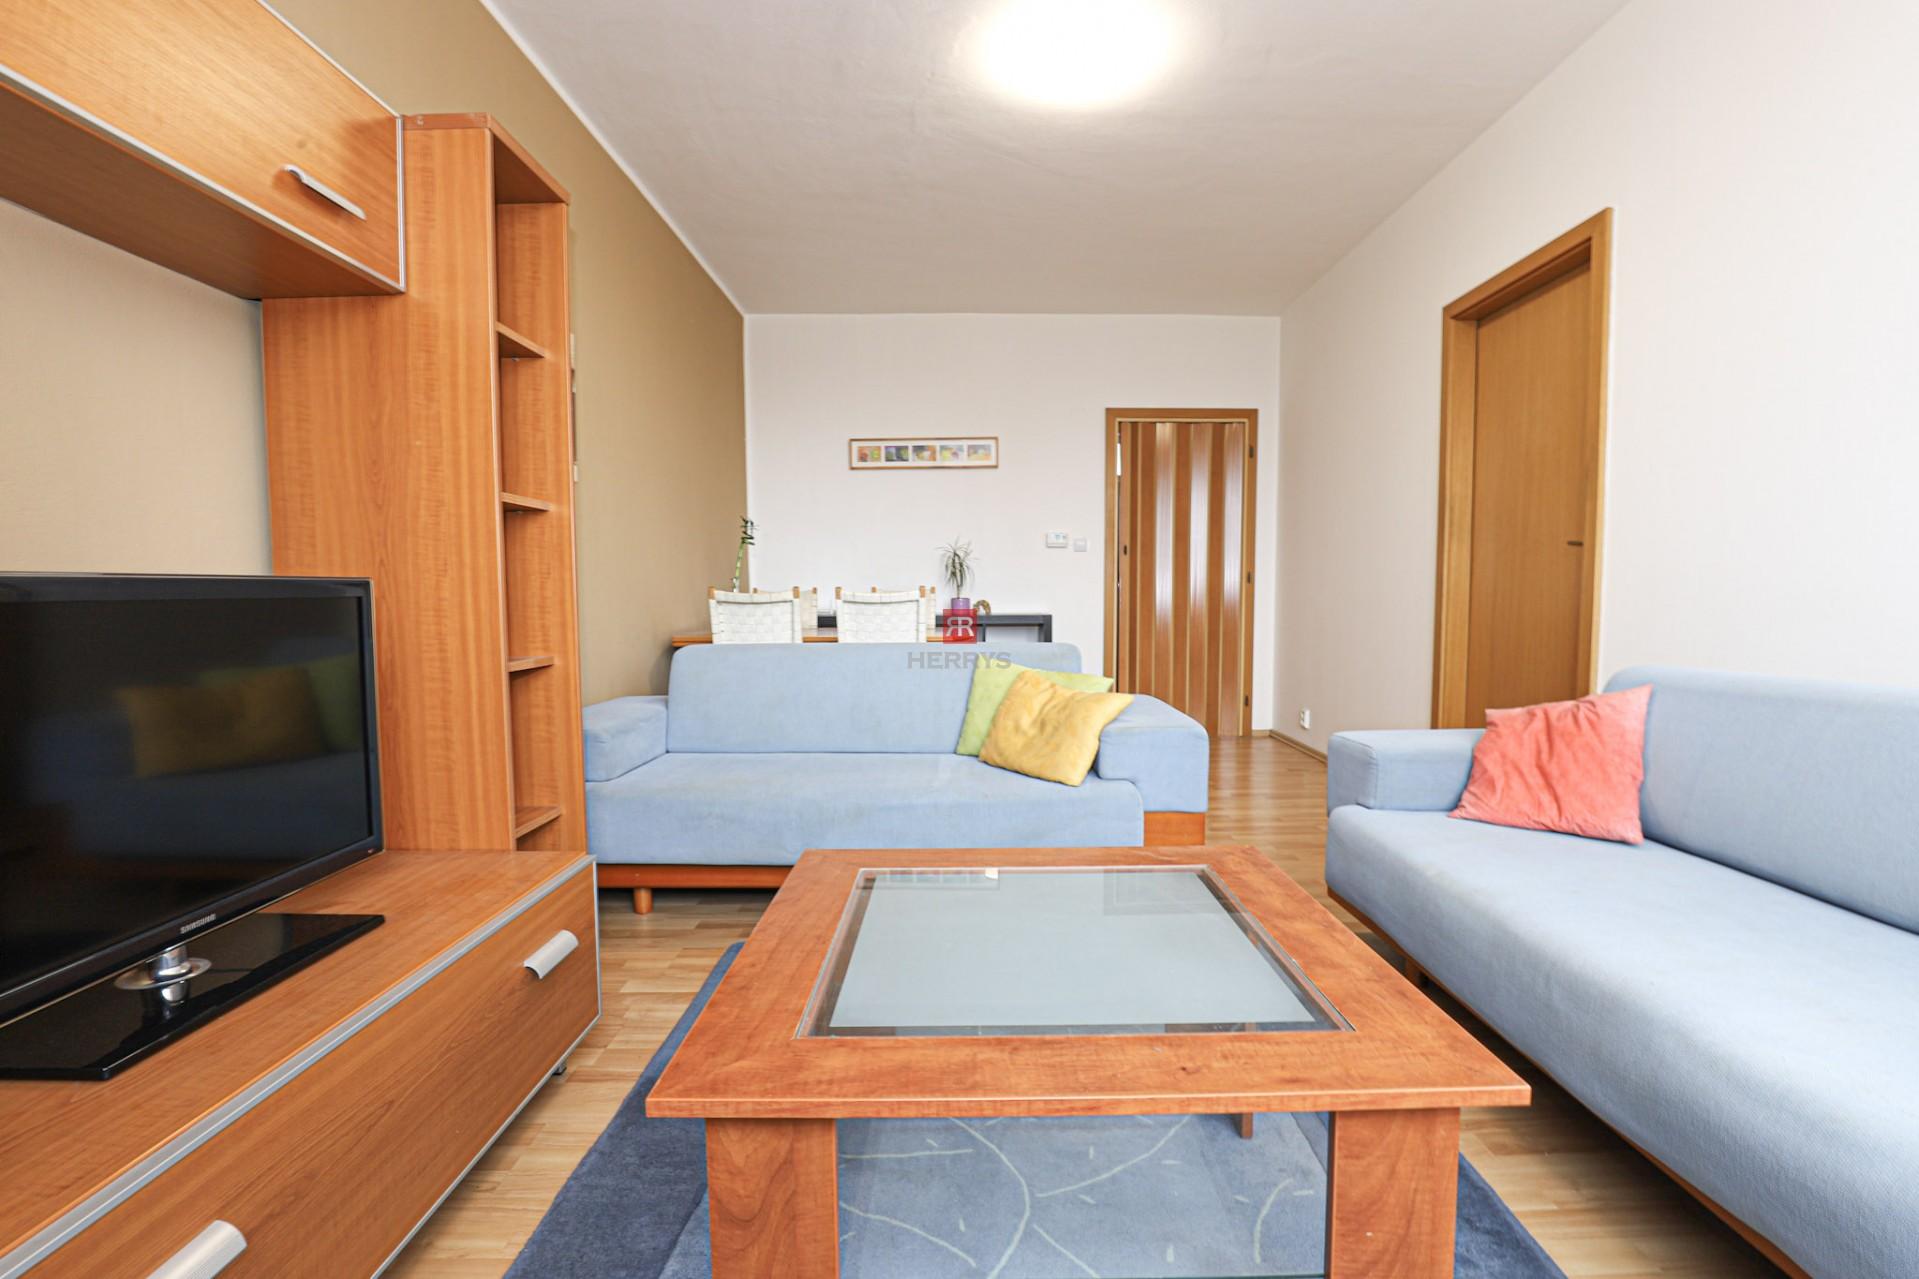 HERRYS - Naprenájom 2 izbového bytu s balkónom na Námestí Martina Benku v Starom meste